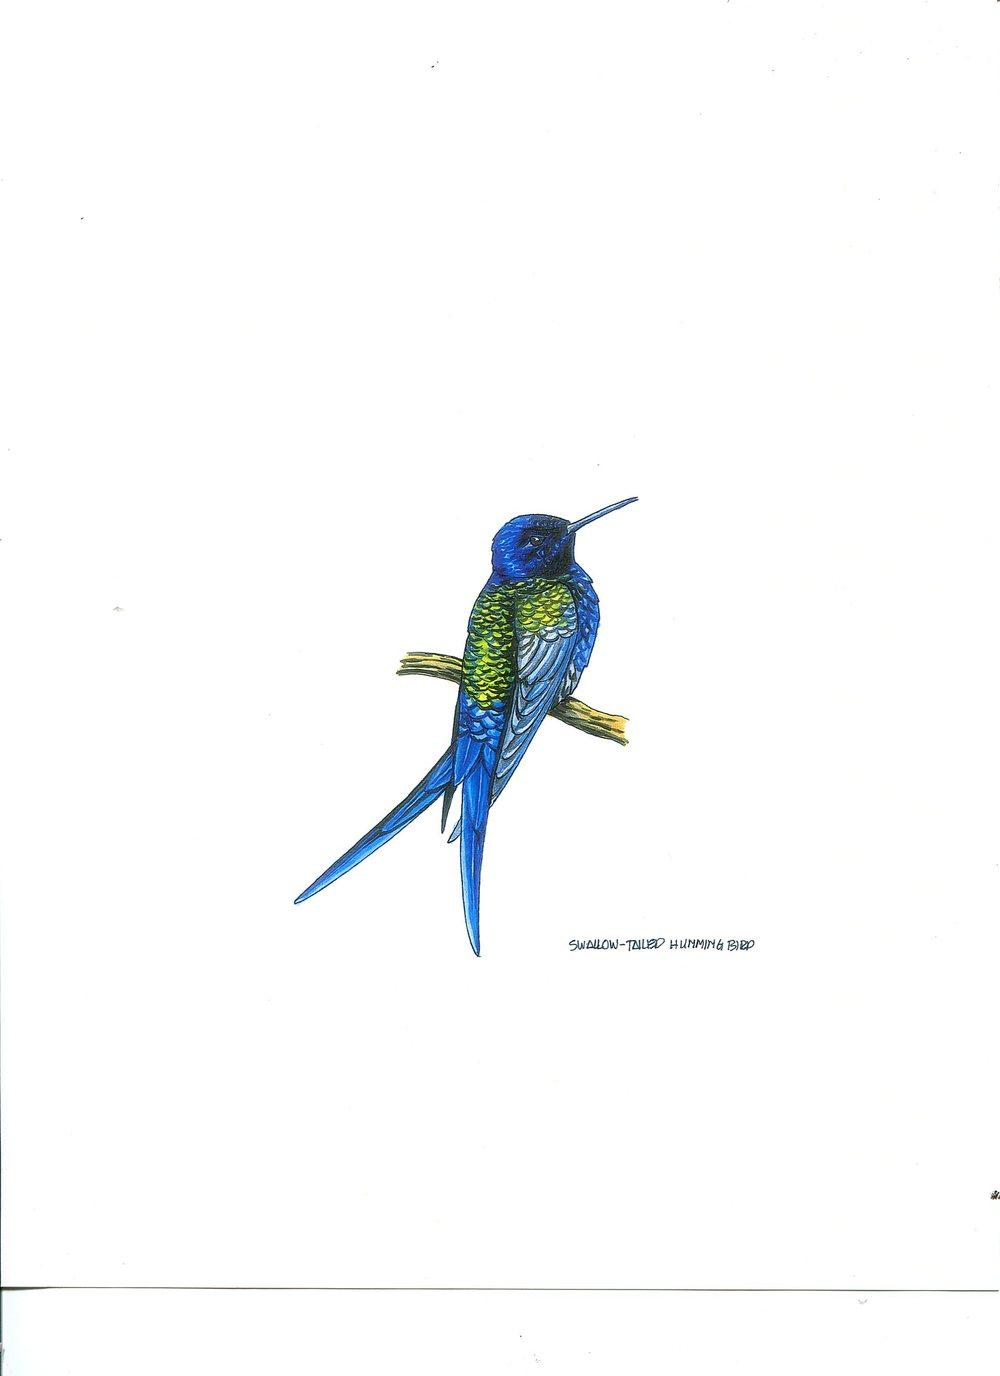 humming bird 1288.jpg